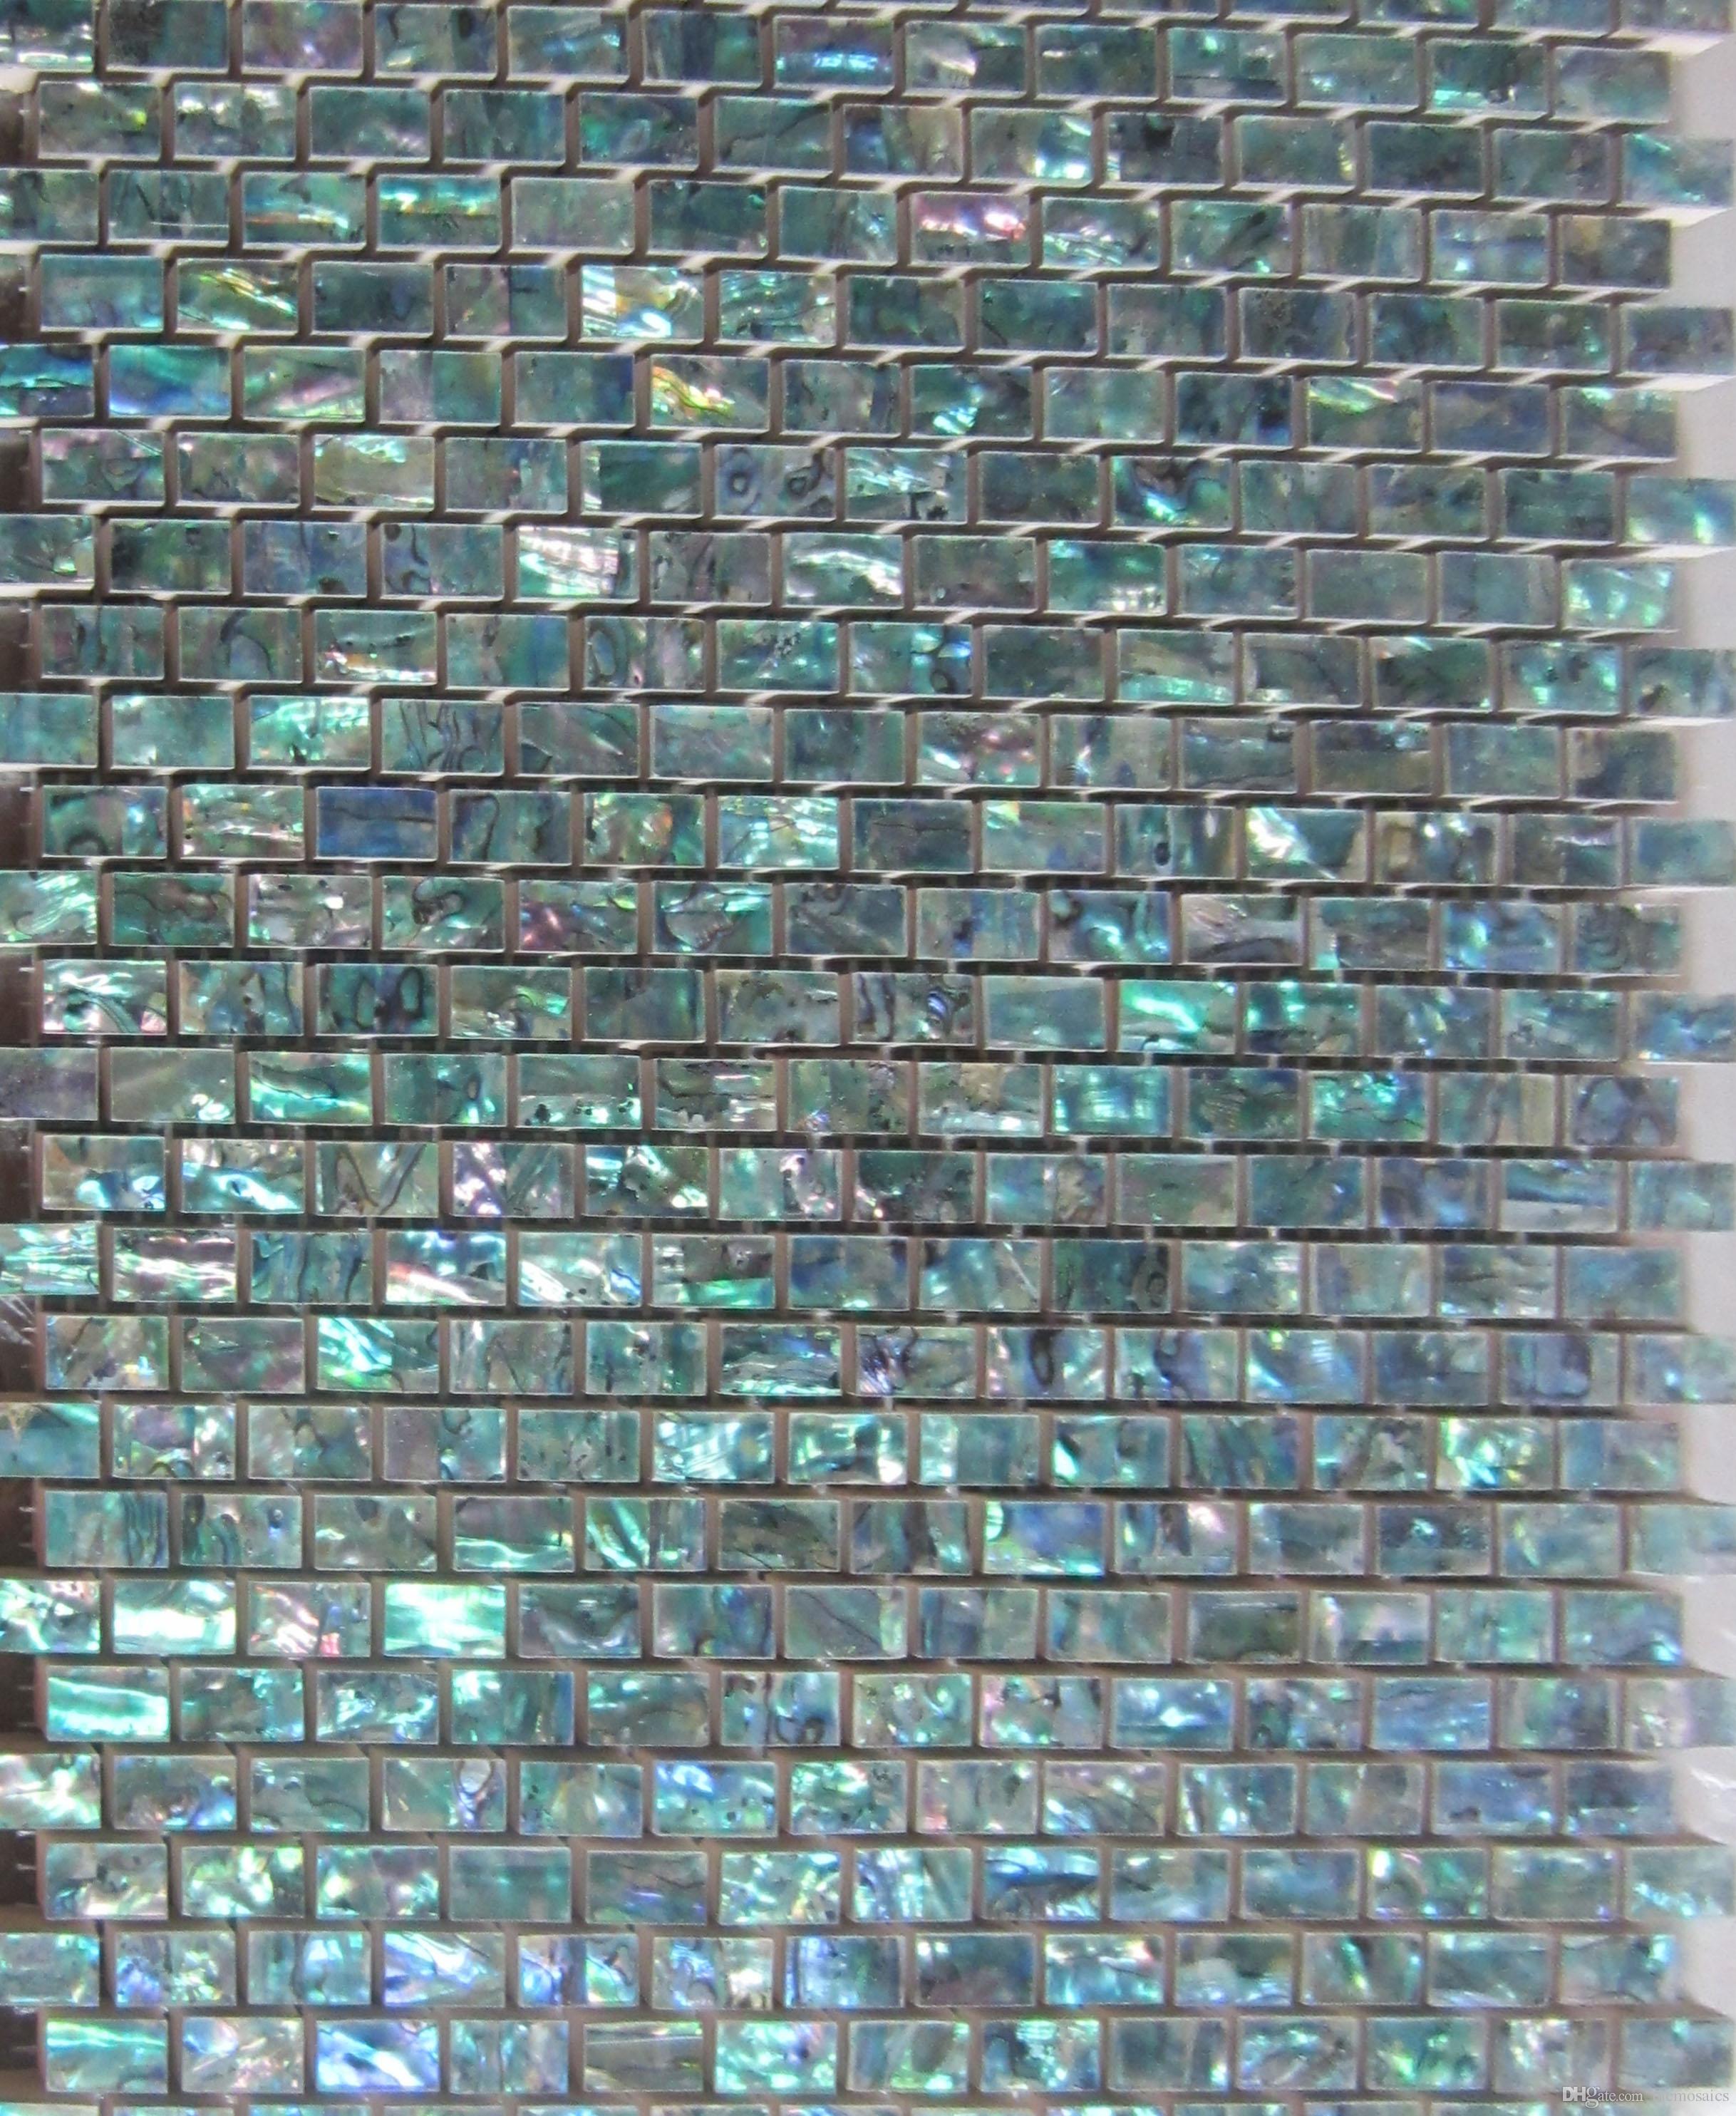 2017 natural abalone green seashell mosaic tiles mini brick